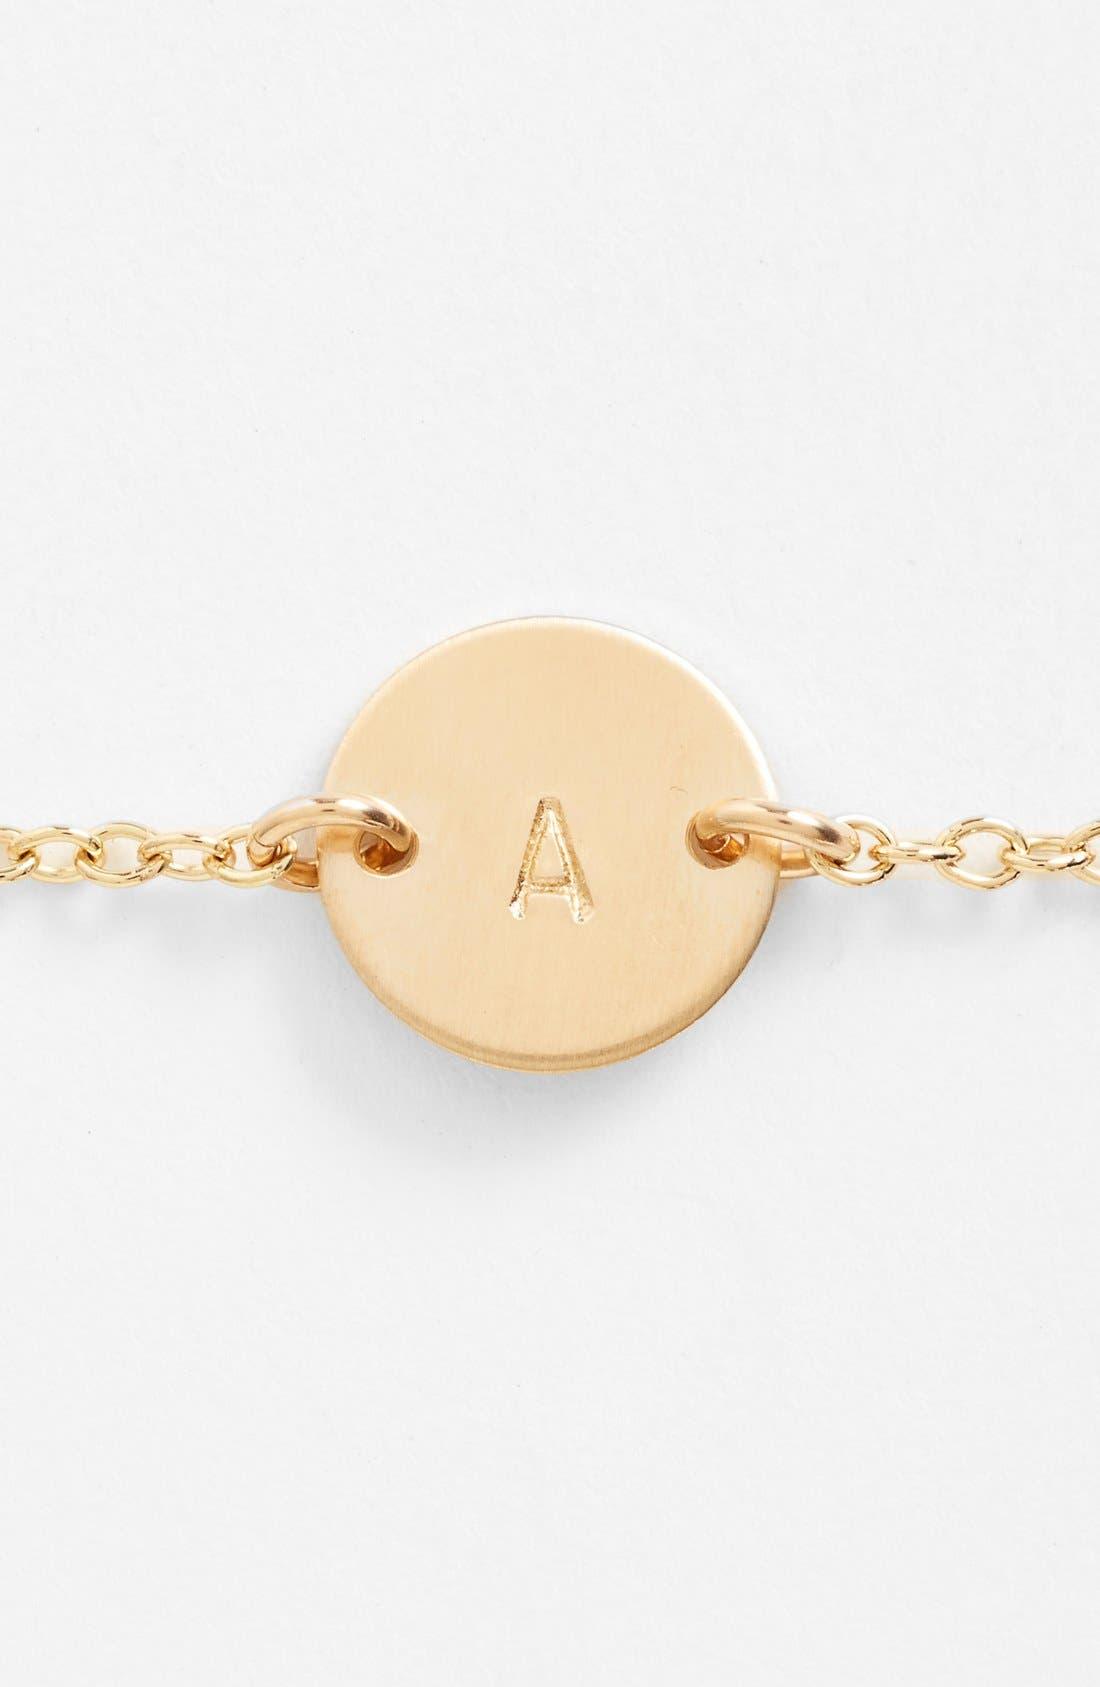 Initial Mini Disc Bracelet,                             Alternate thumbnail 2, color,                             14K GOLD FILL A